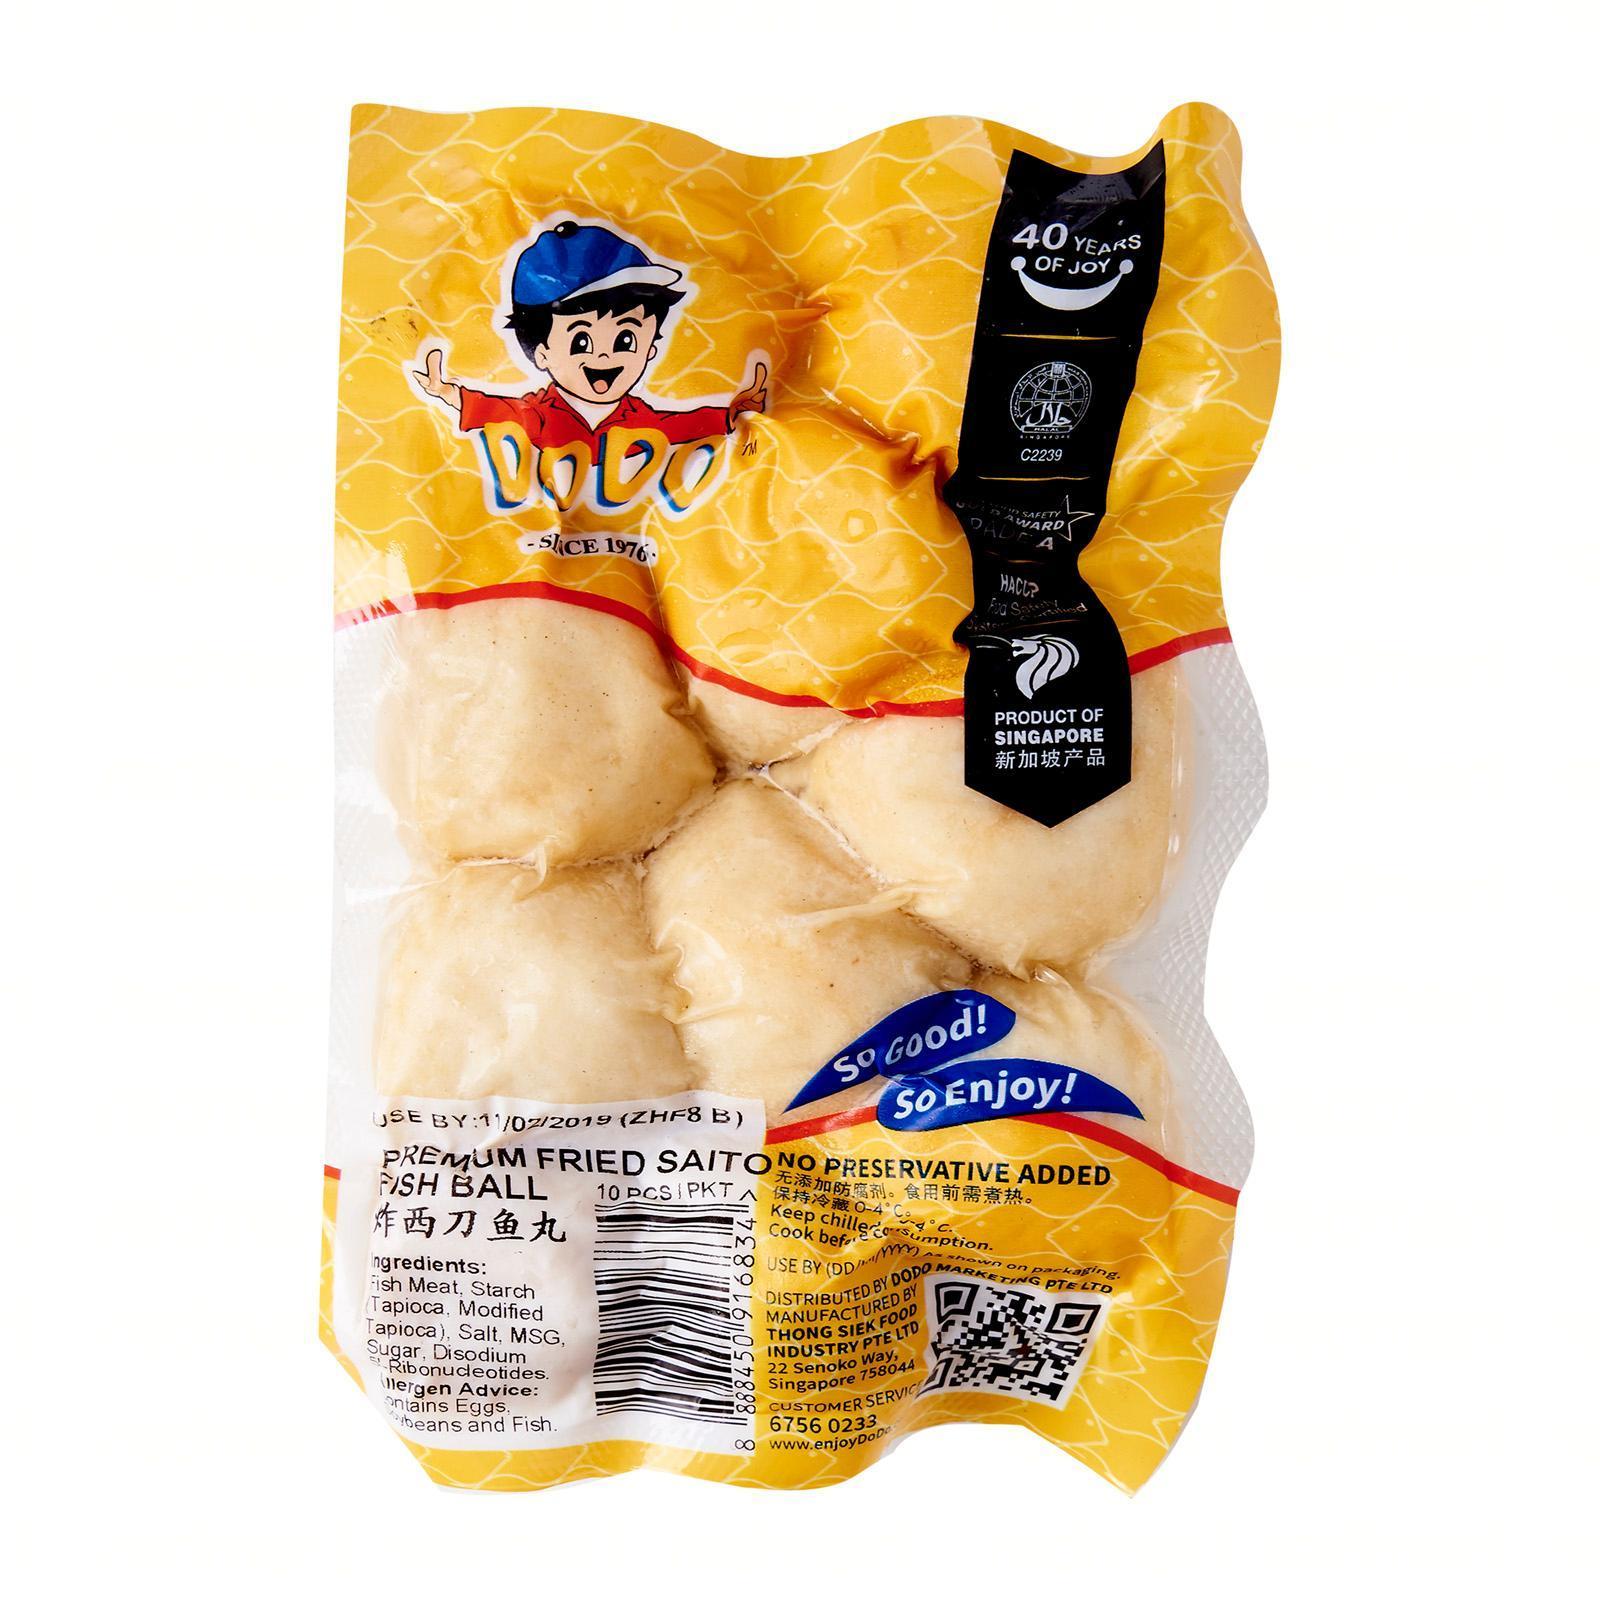 Dodo Premium Fried Saito Fishball - Chilled By Redmart.